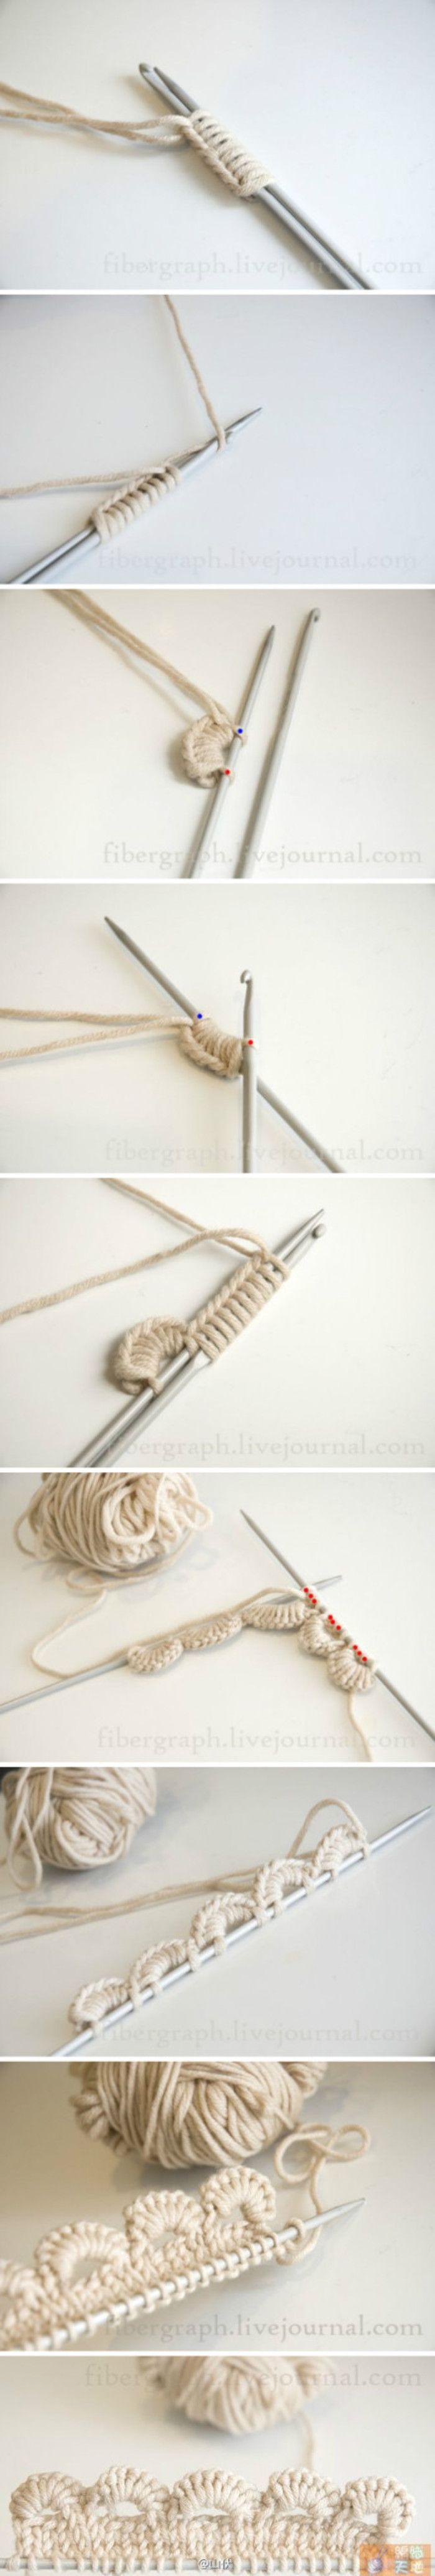 Crochet+ knitting border